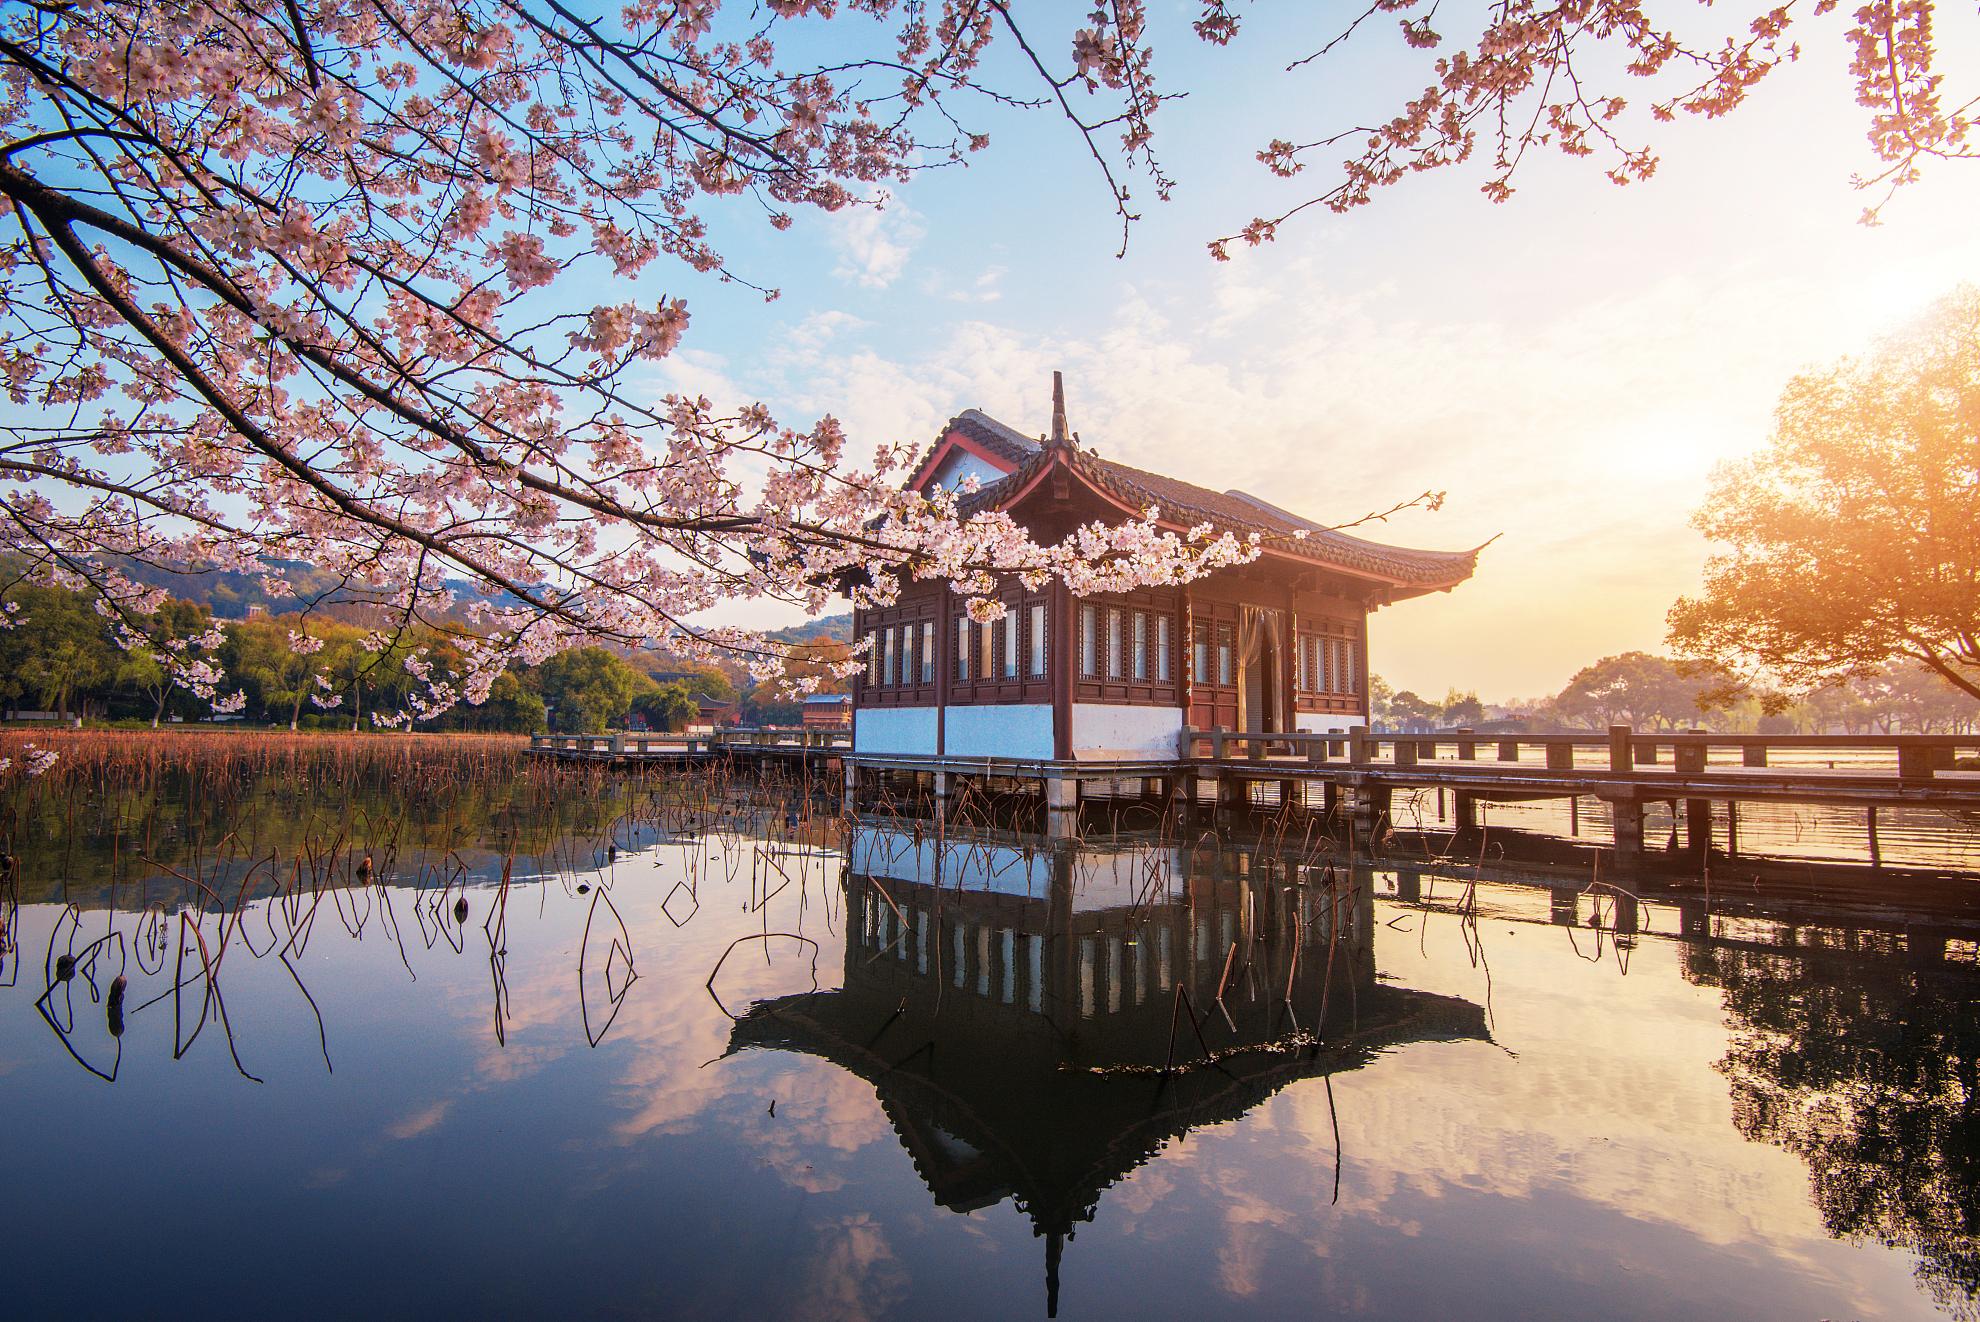 杭州住宿_西湖图片大全_西湖风景图片/景点照片/旅游摄影【驴妈妈攻略】